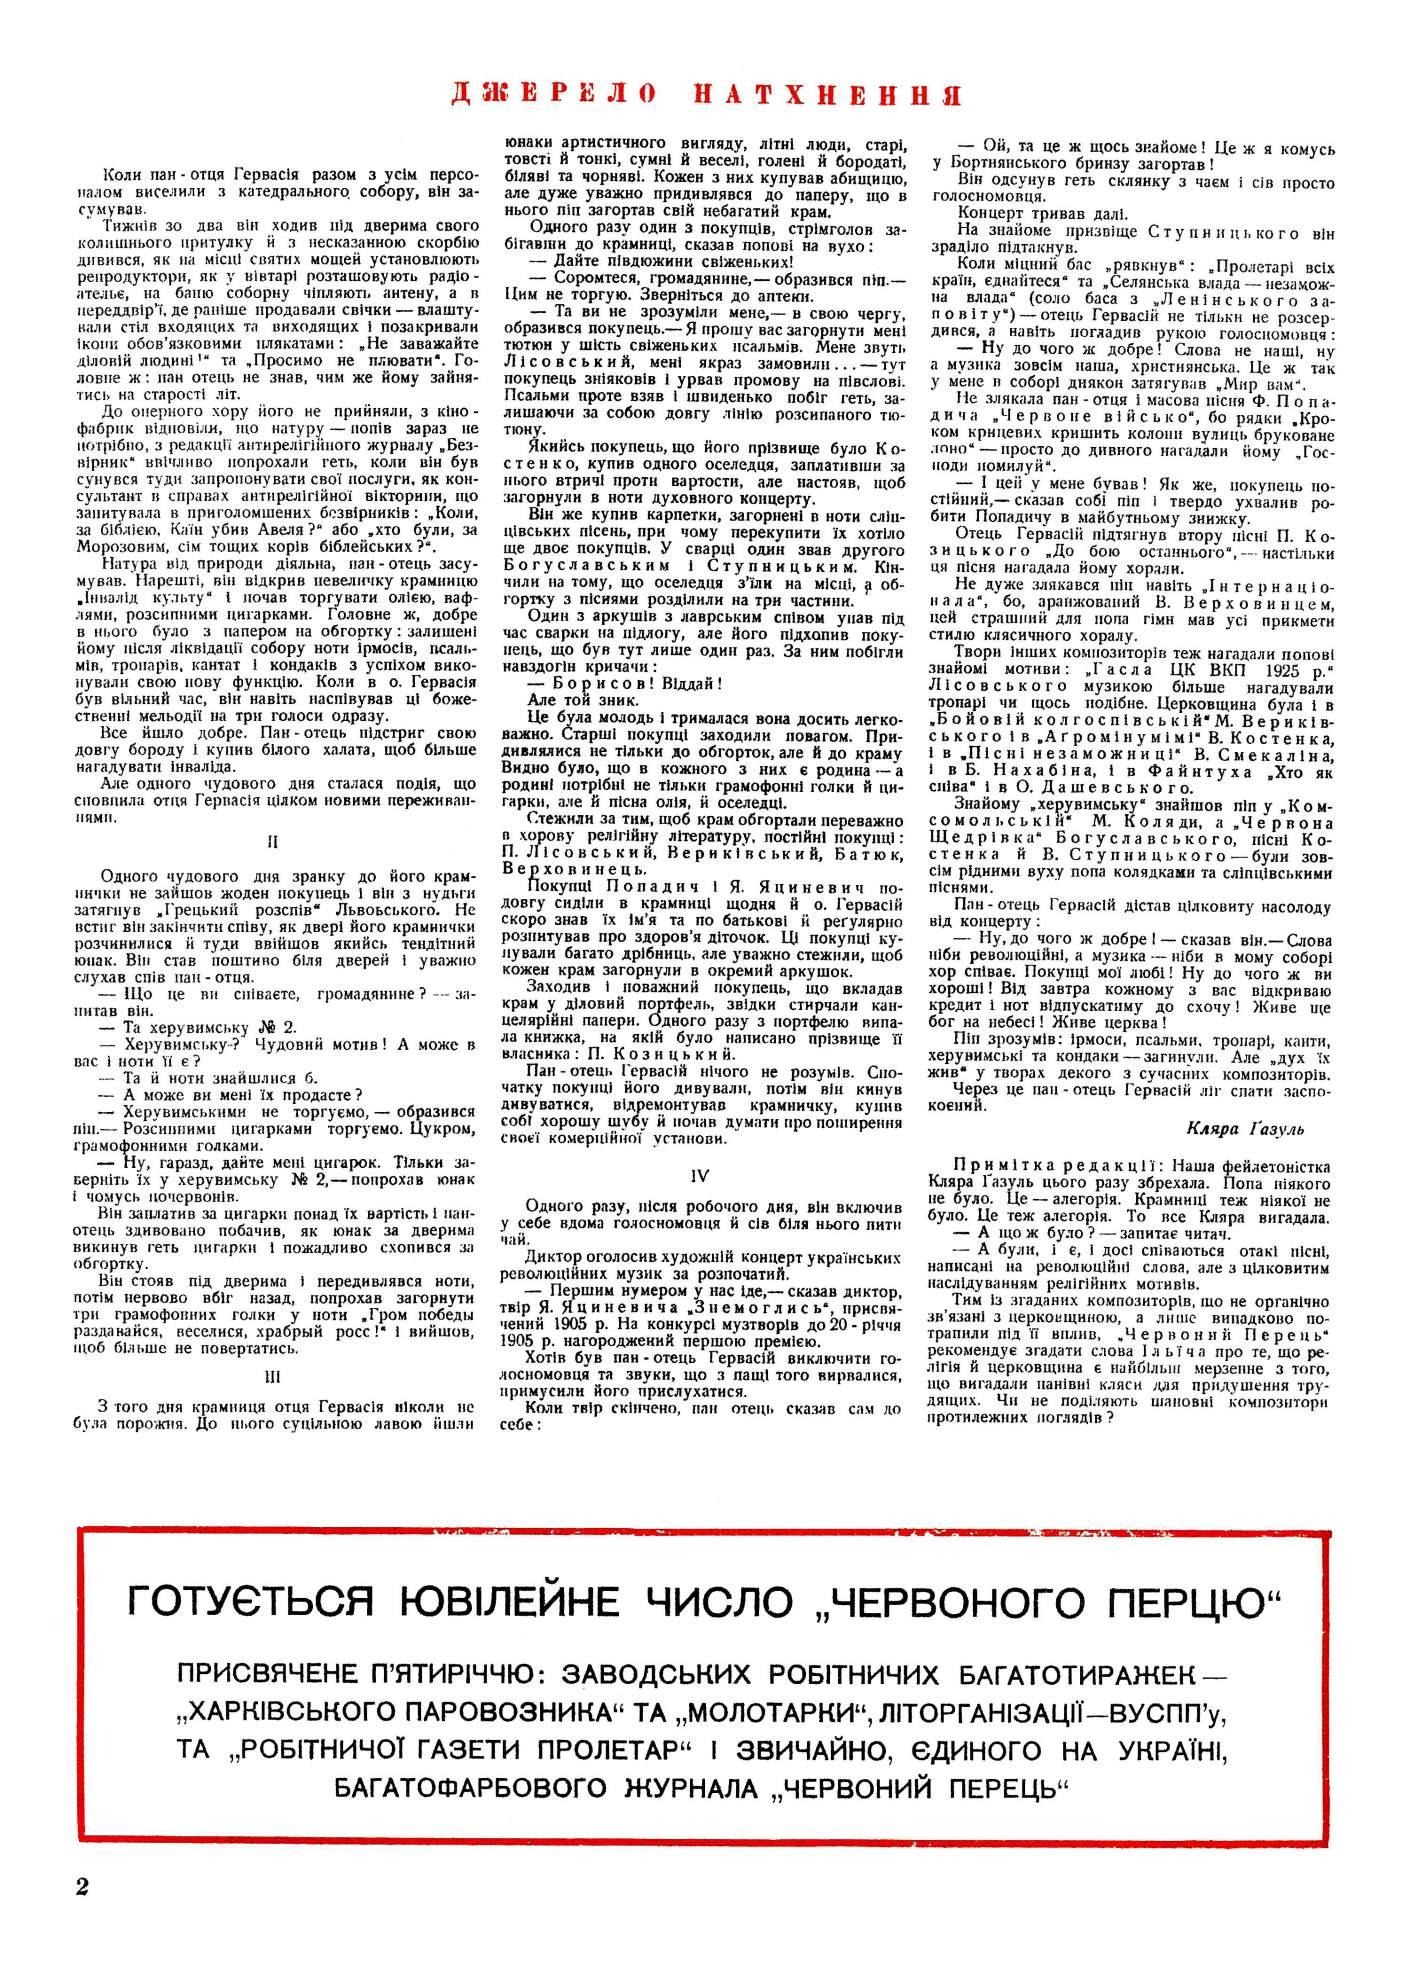 Журнал перець 1931 №17-18